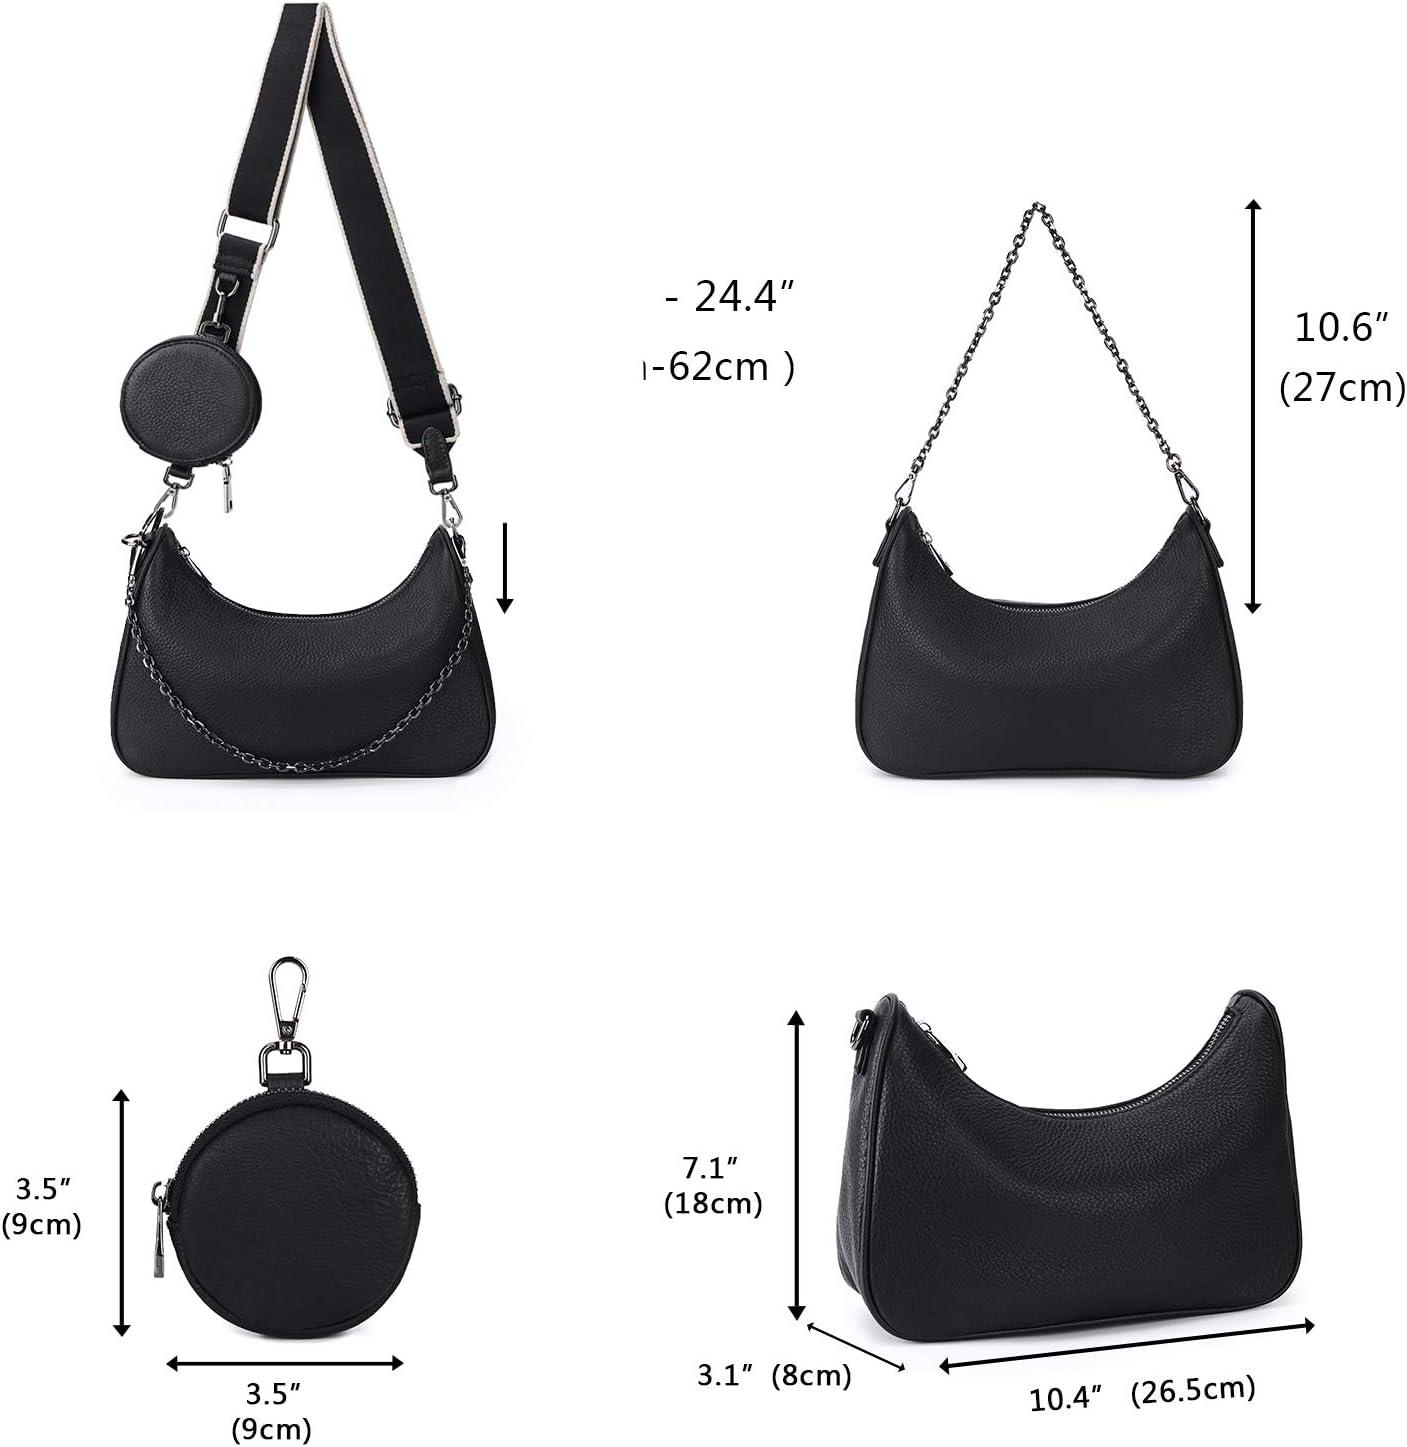 YALUXE Sac Porte /épaule Femme Cuir V/éritable Sac /à Main Pochette Mode avec Petit Porte Monnaie Noir